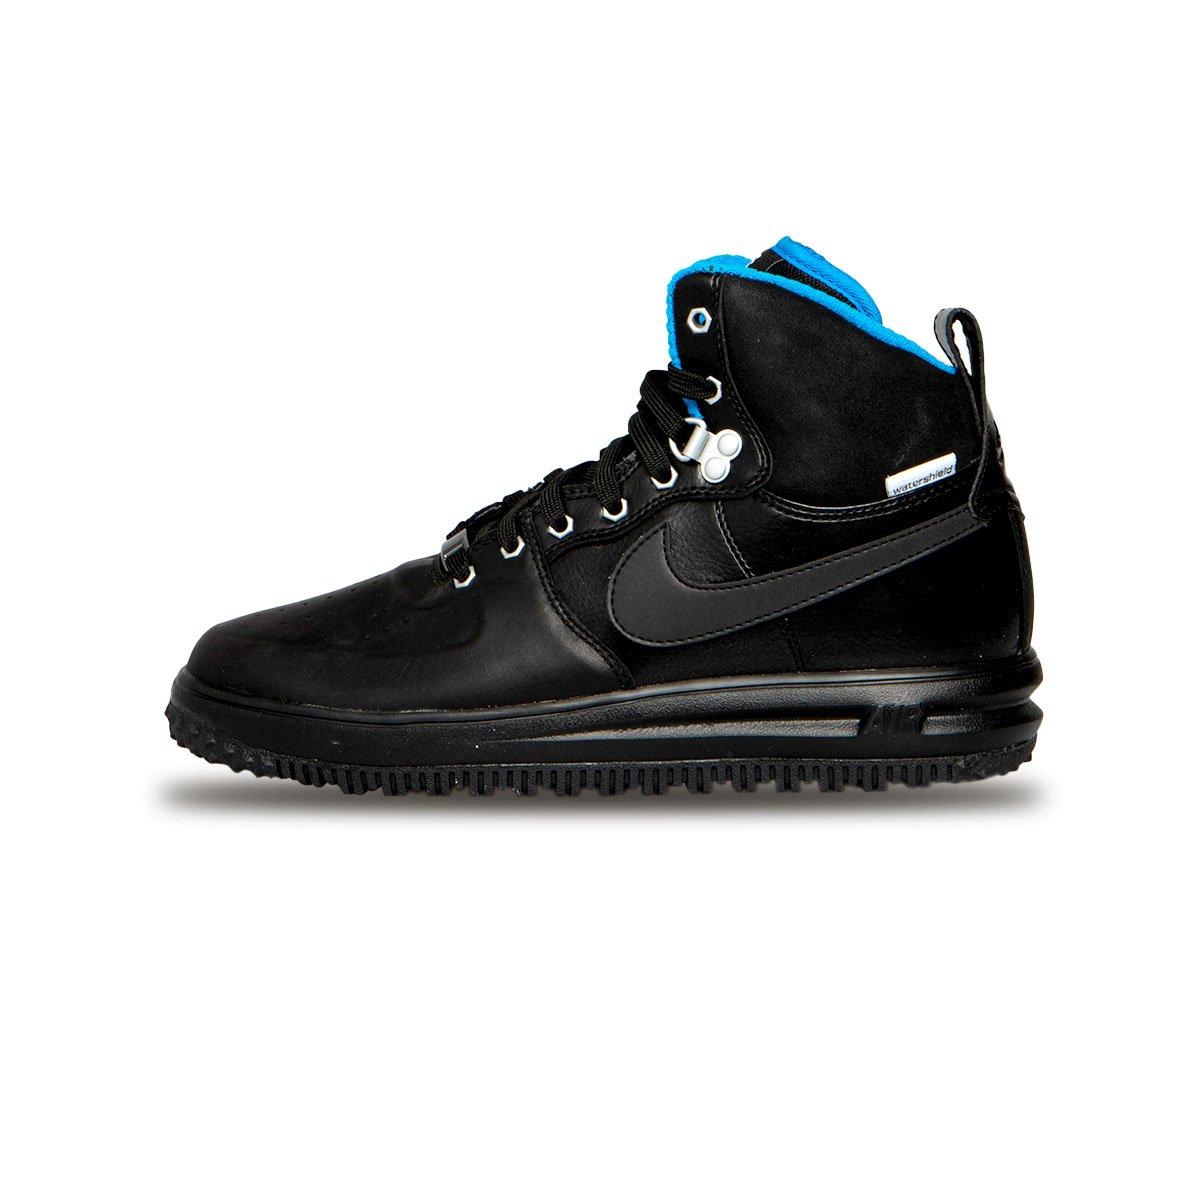 05c5749f2fcd ... Sneakers buty zimowe Nike Lunar Force 1 Duckboot  17 bordeaux   black  916682-601 ...